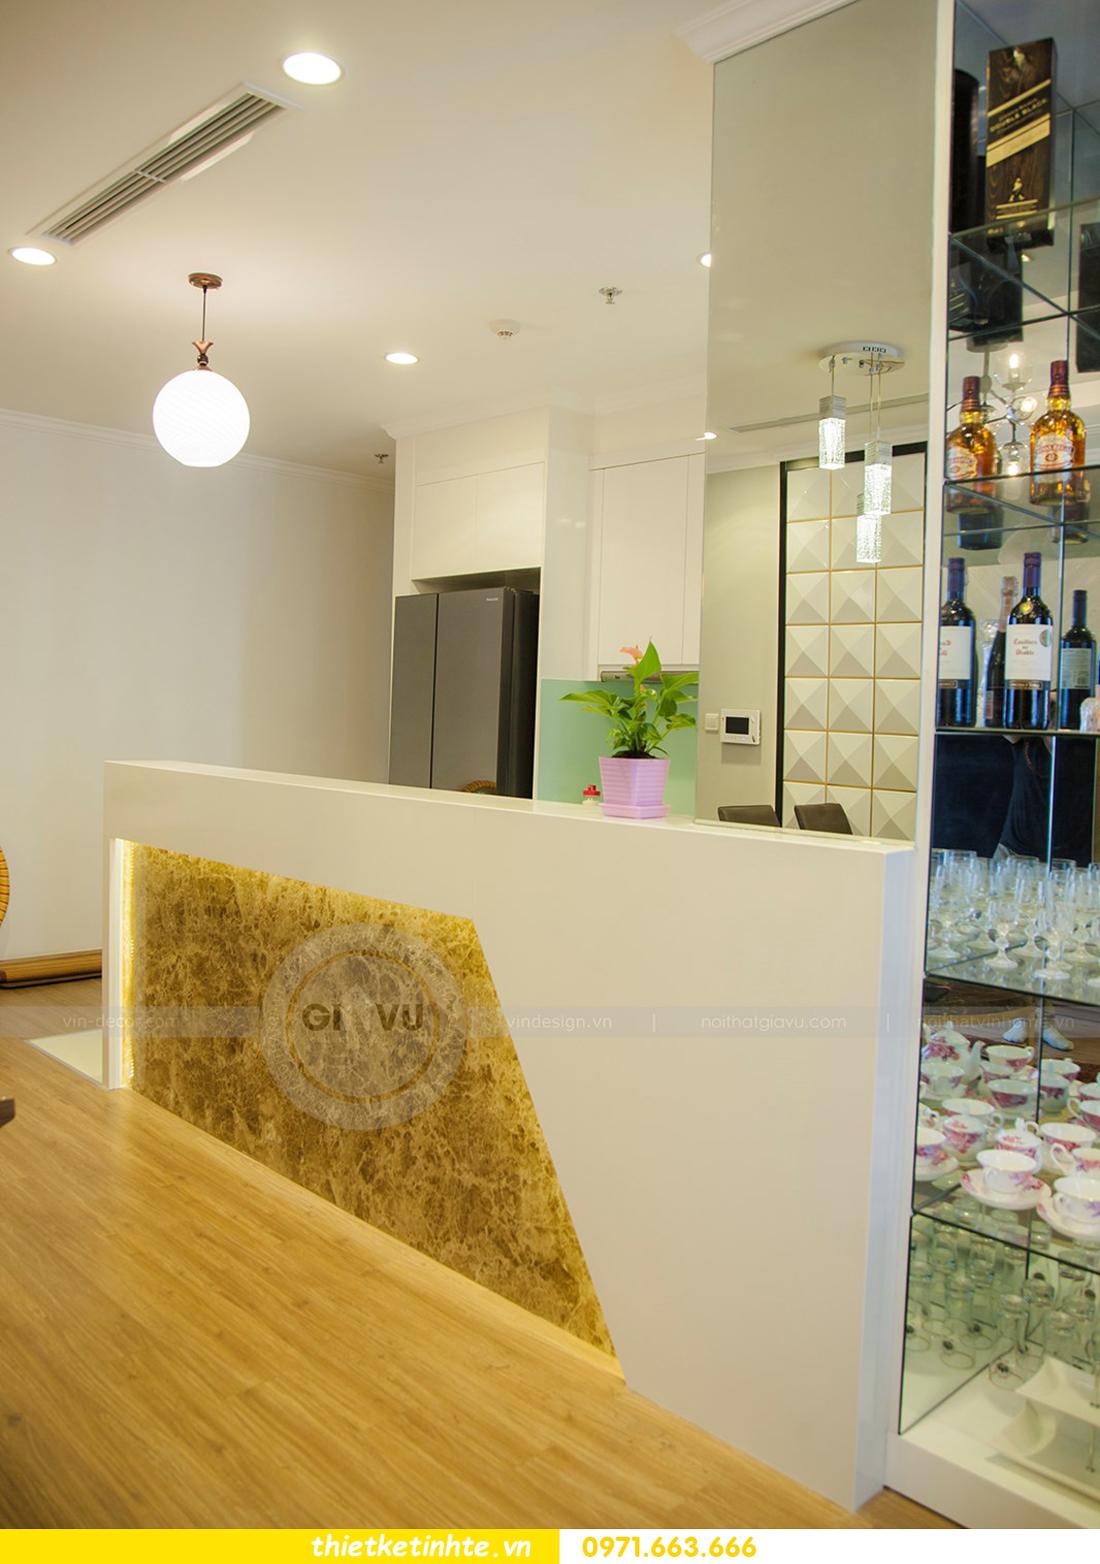 thiết kế hoàn thiện nội thất chung cư Park Hill 2 căn hộ 16 anh Thắng 06